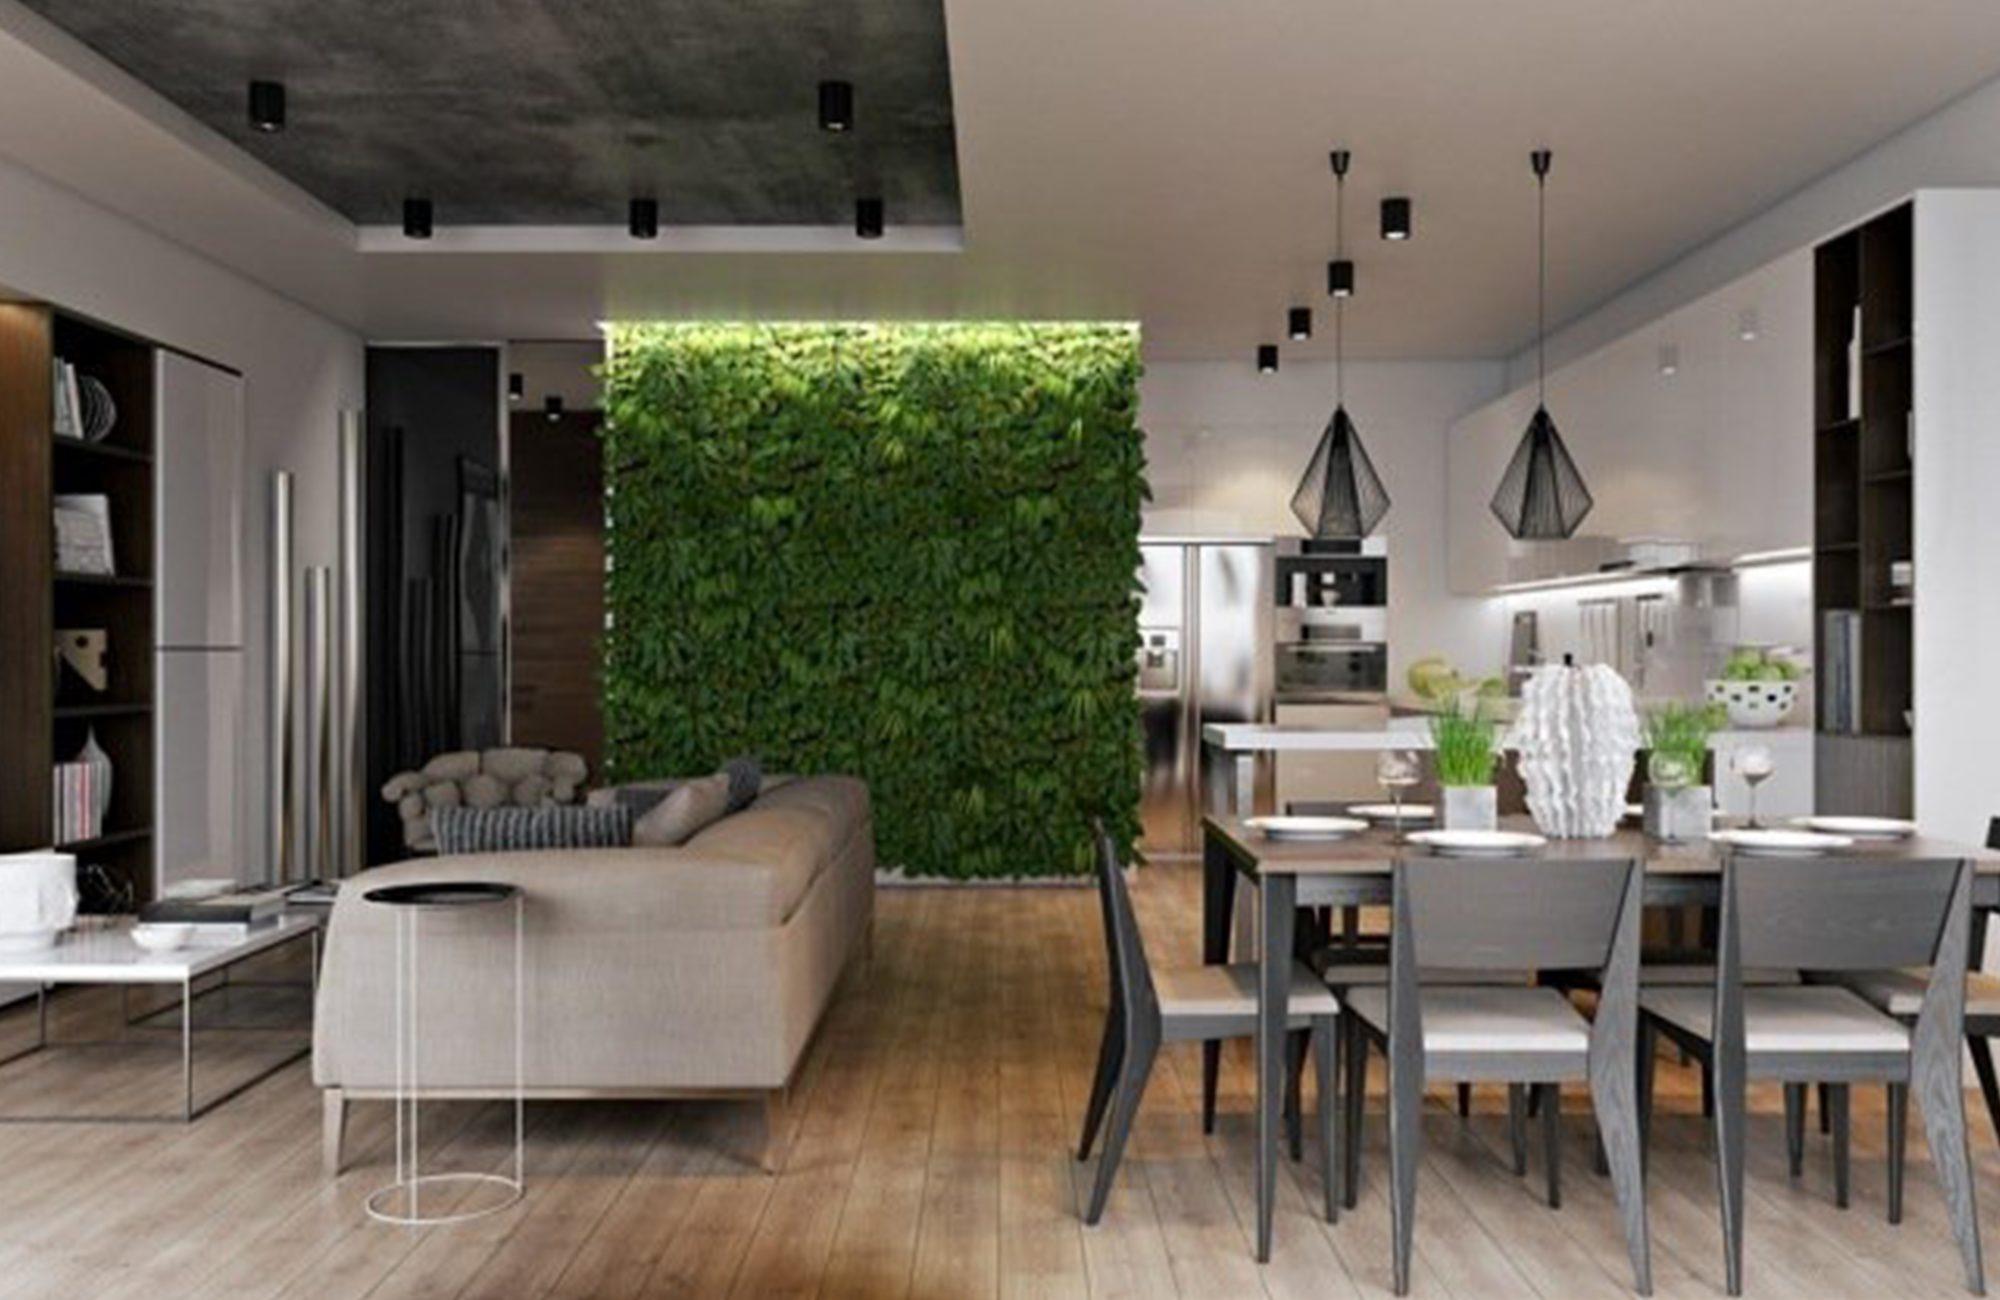 mur végétal dans salon / cuisine